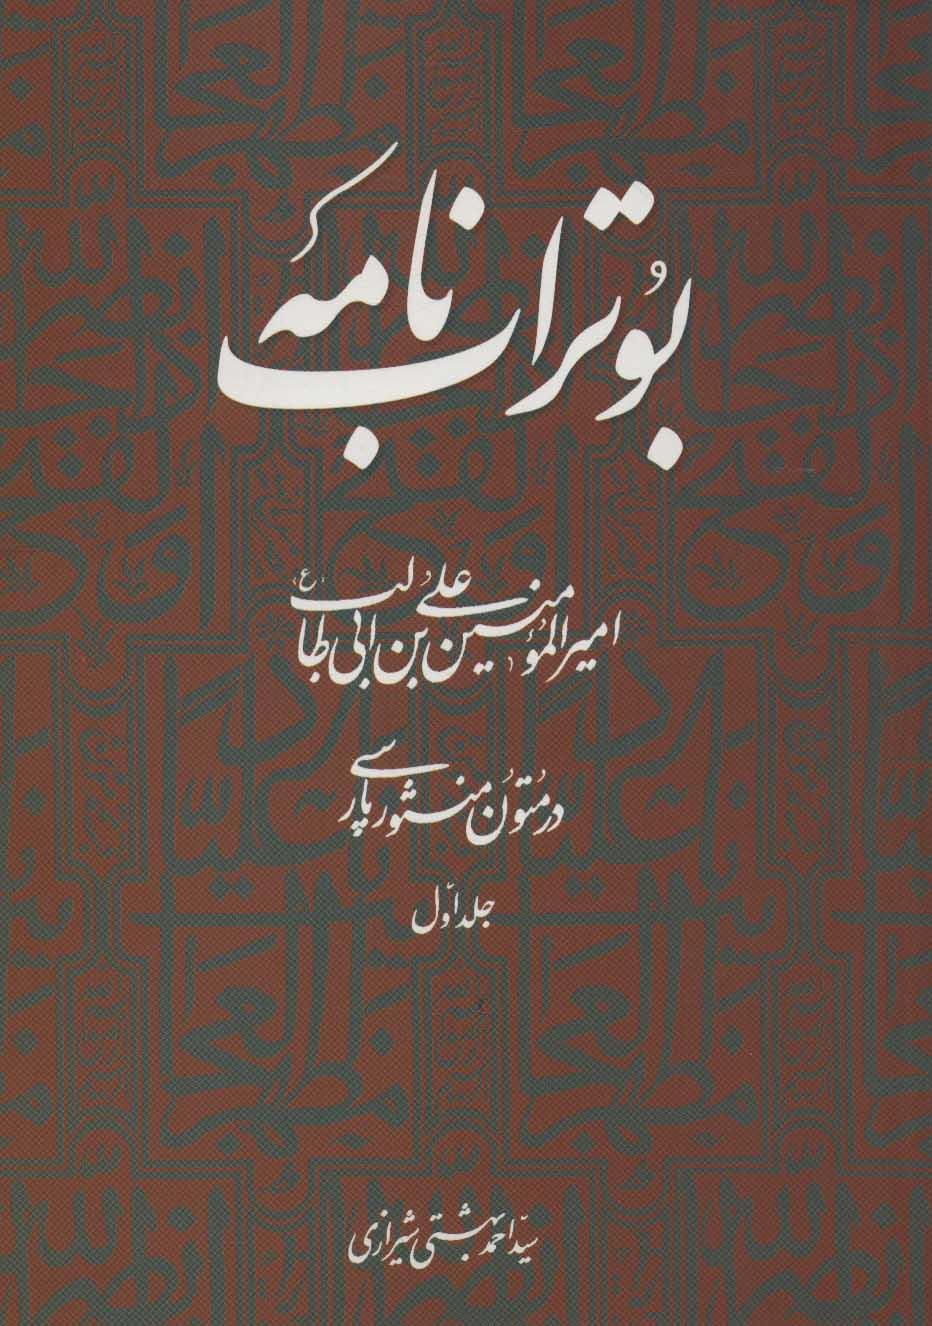 بوتراب نامه:امیرالمومنین علی بن ابی طالب (ع) در متون منثور پارسی 1